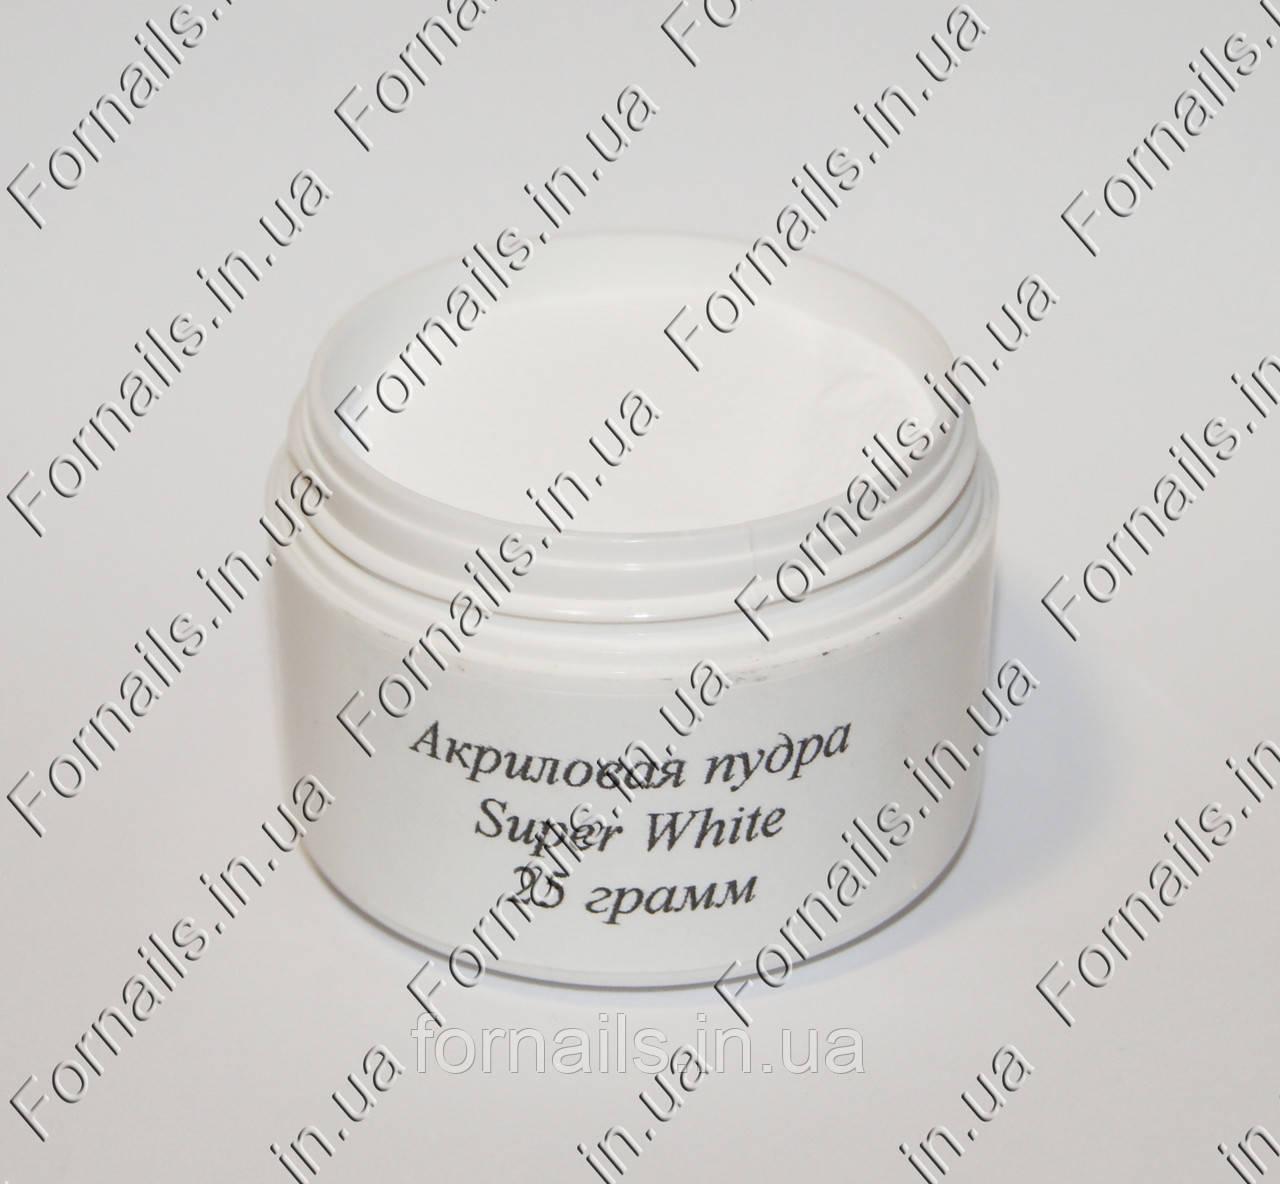 Акриловая пудра Super White (25 грамм)